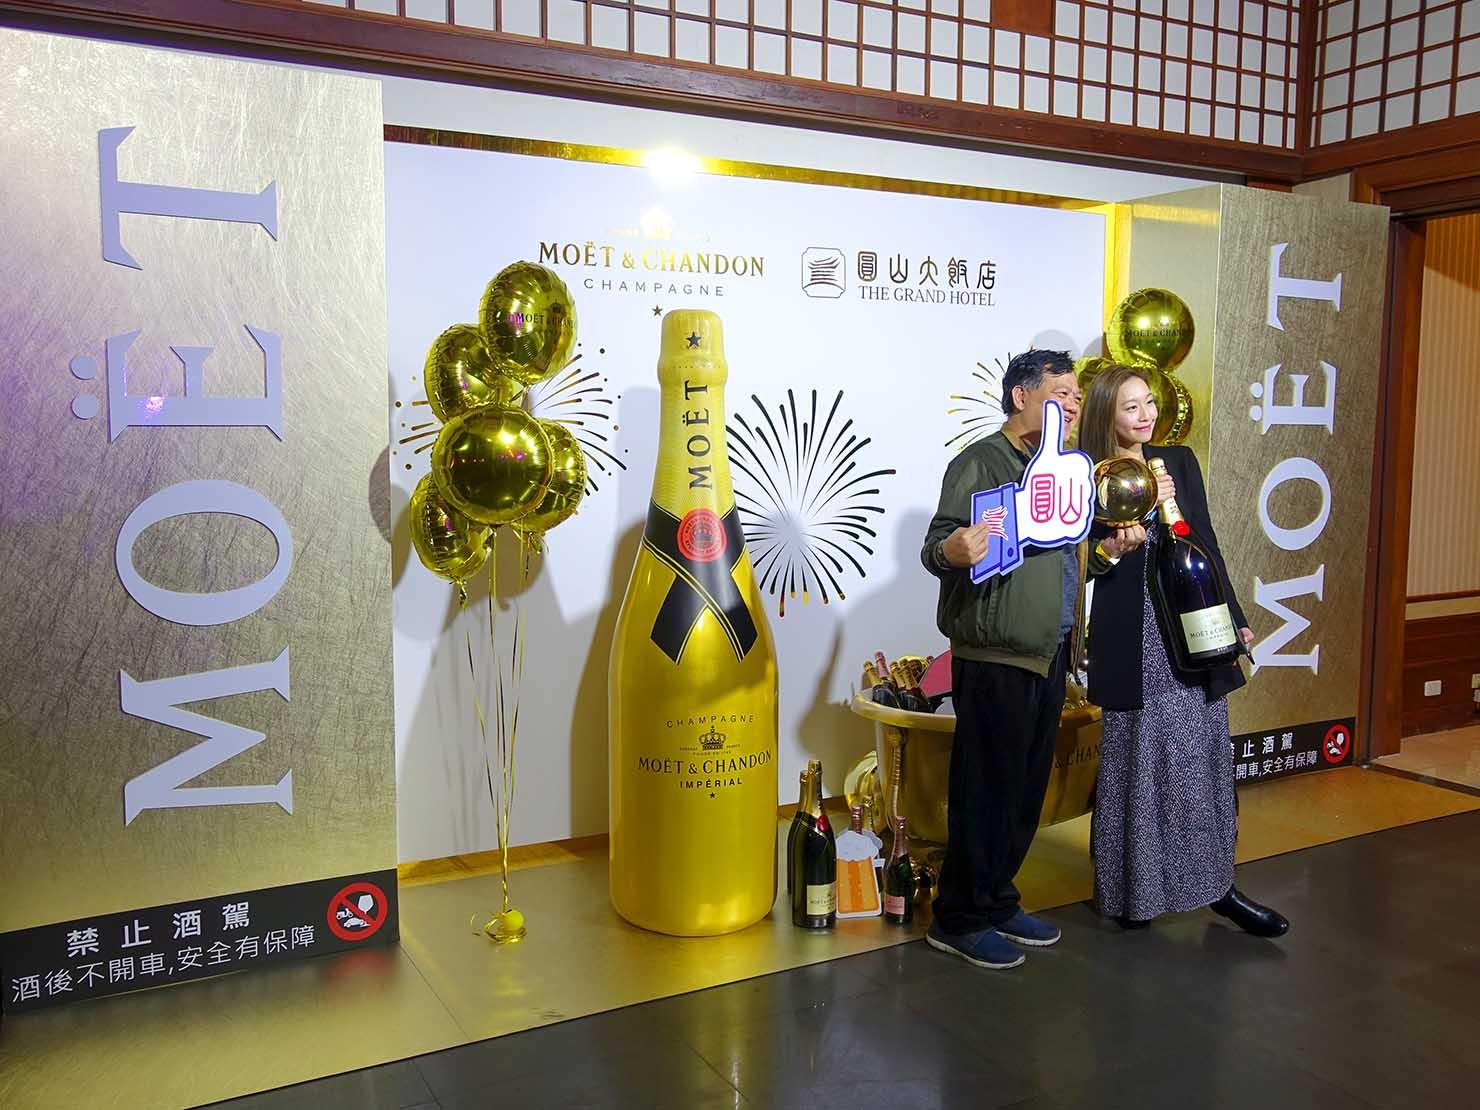 台北・圓山大飯店のカウントダウンパーティー「Bling Bling跨年派對」会場入口